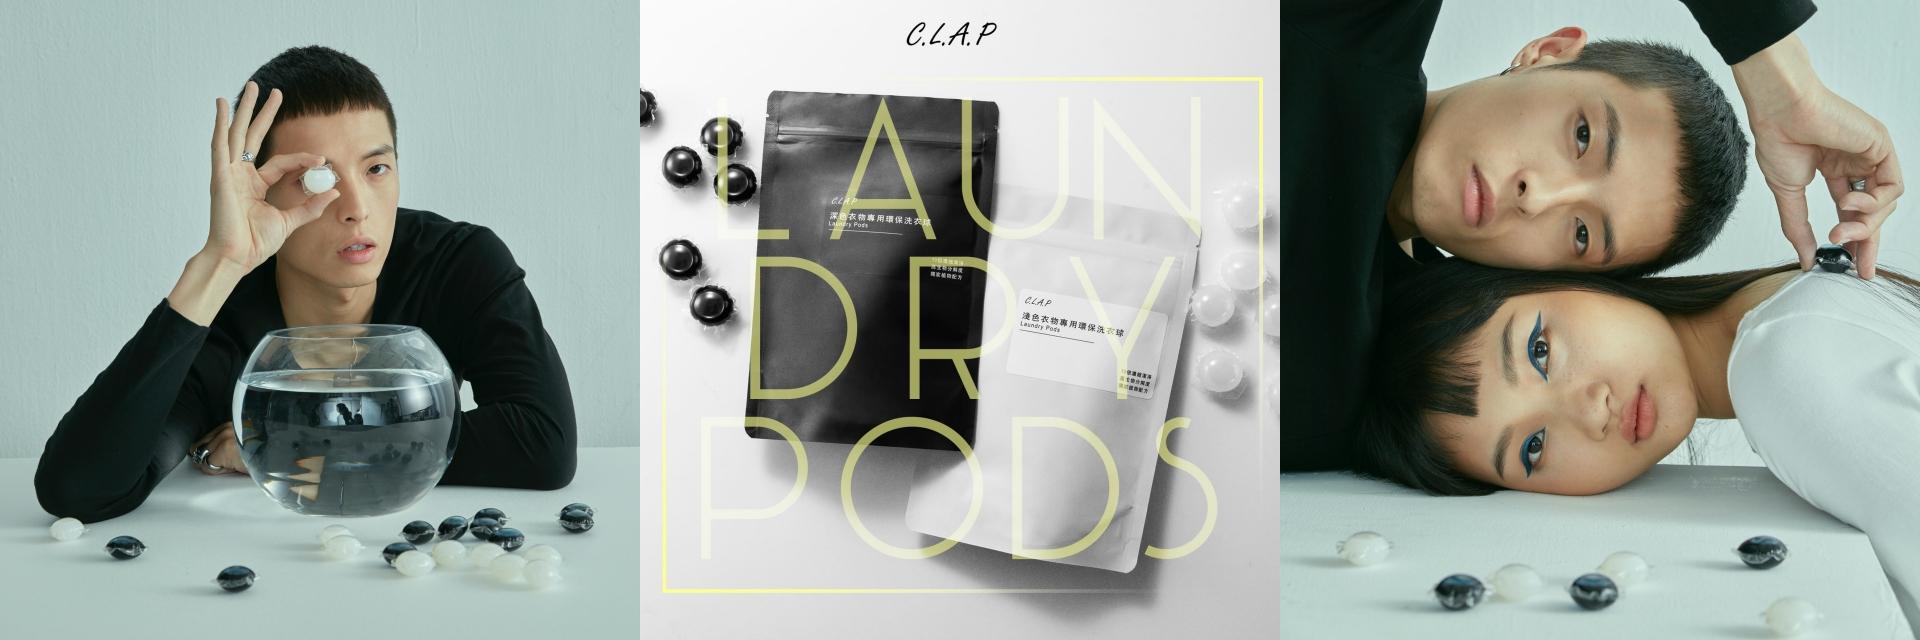 不就洗個衣服哪那麼多問題!? 台灣知名素T品牌新推出「黑白」環保洗衣球,讓你做個沒有灰色地帶的人!